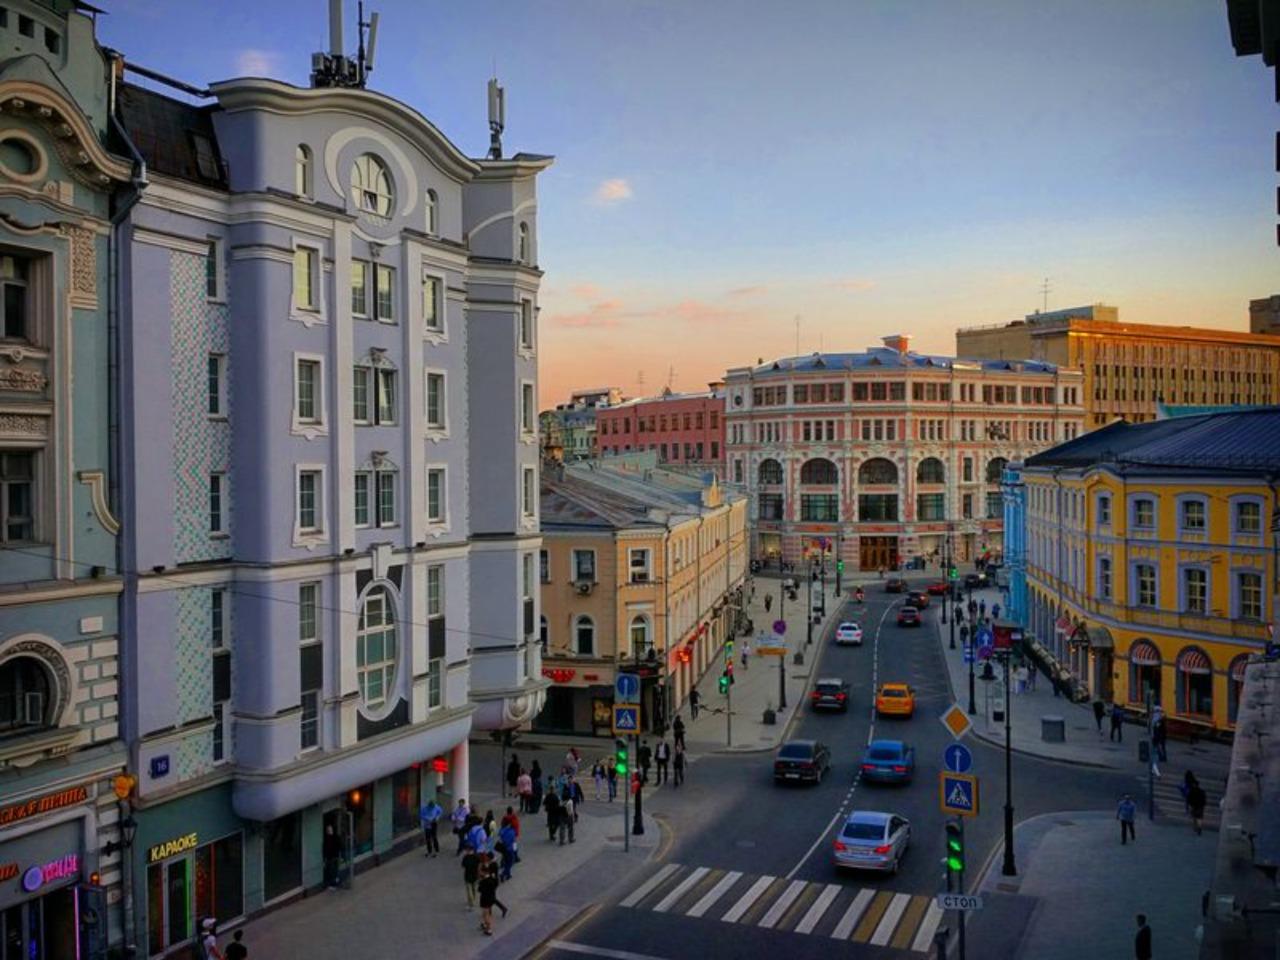 Тайны Мясницкой слободы - индивидуальная экскурсия по Москве от опытного гида